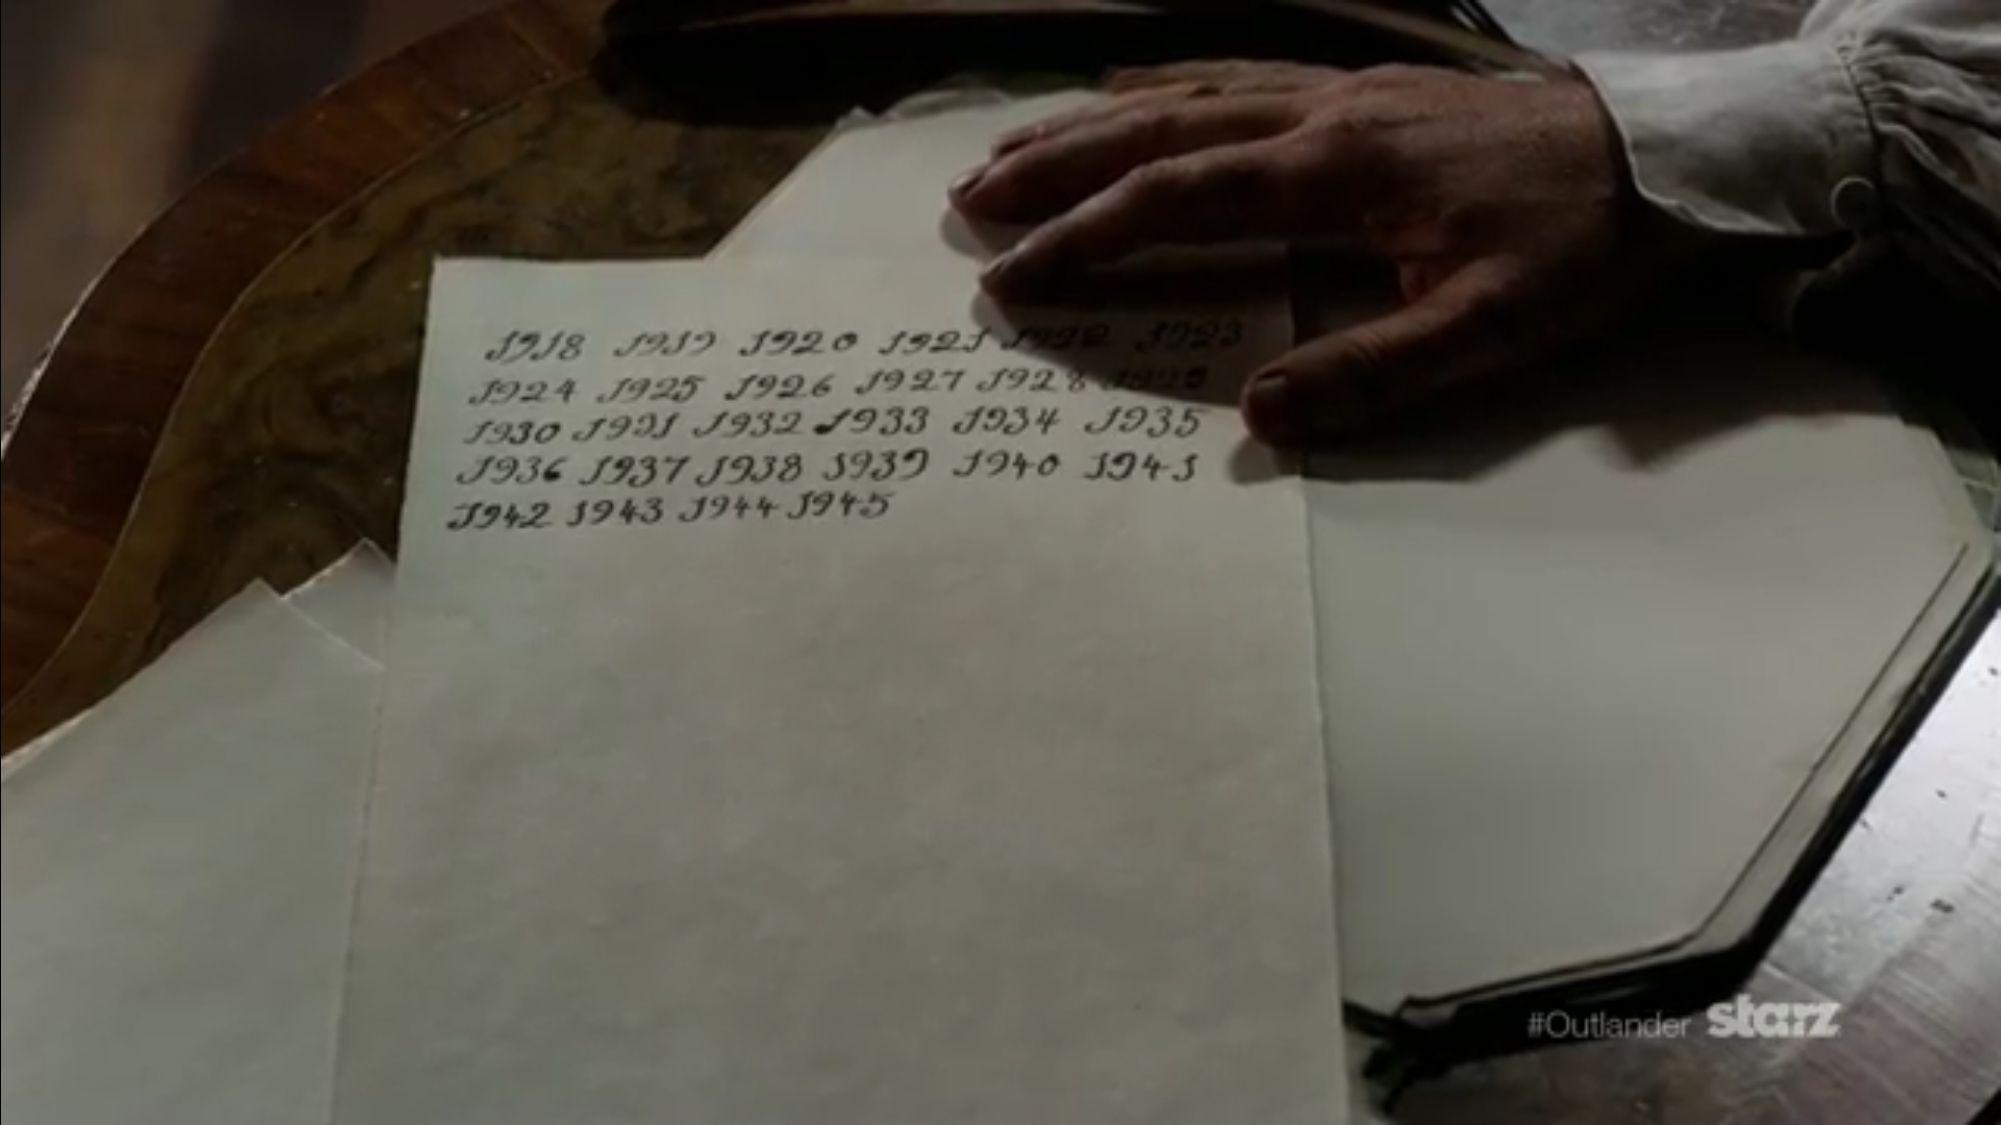 #Outlander #S2 stills from new trailer.